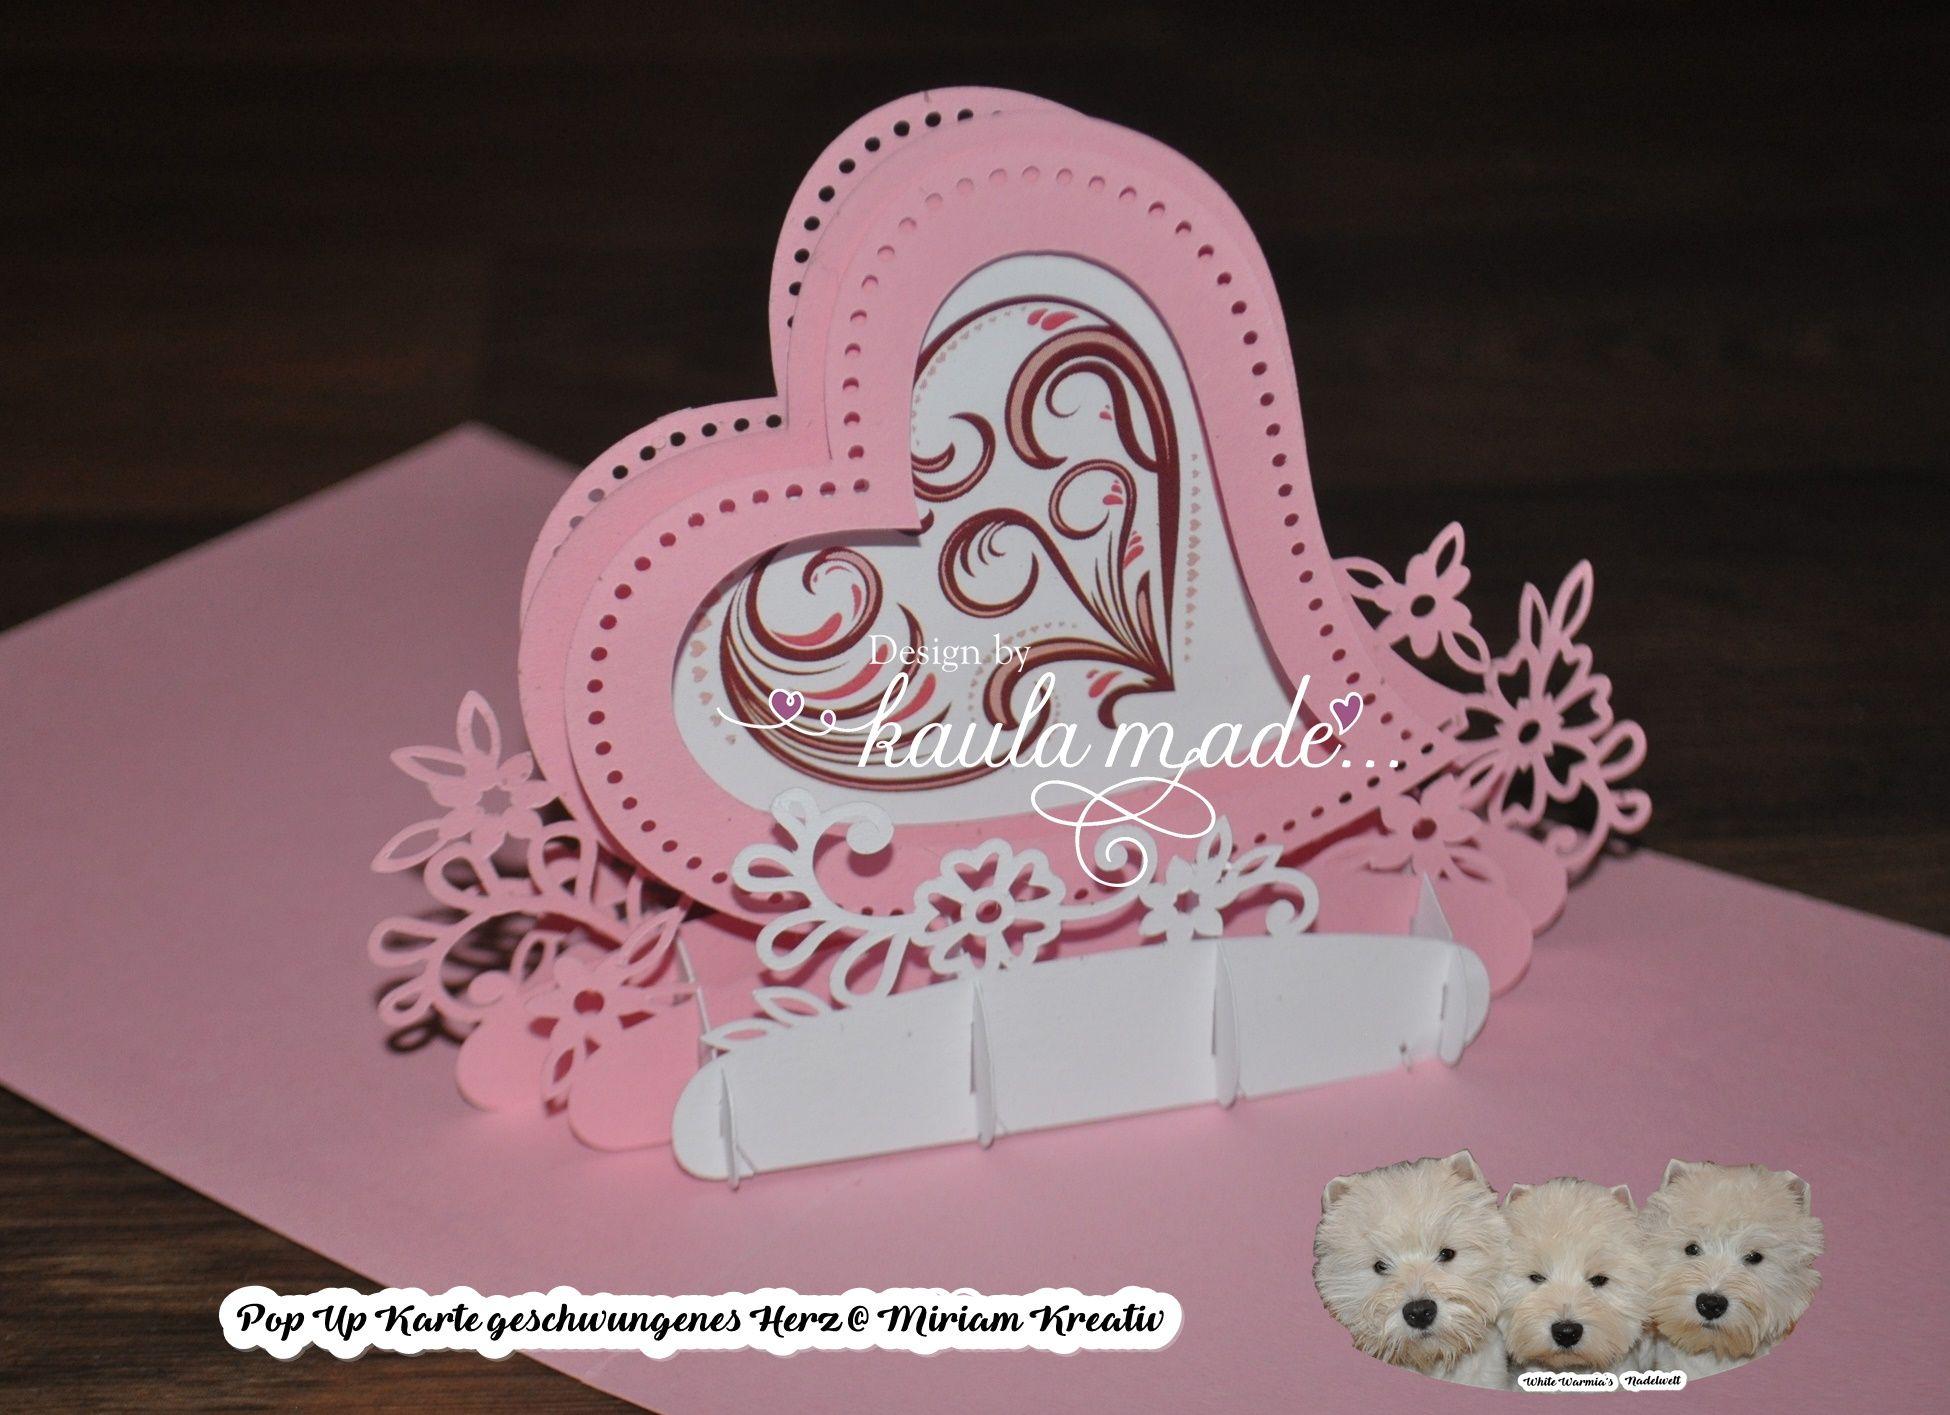 Plotterdatei Valentine Hearts | Plotten mit Kaula Made | Pinterest ...